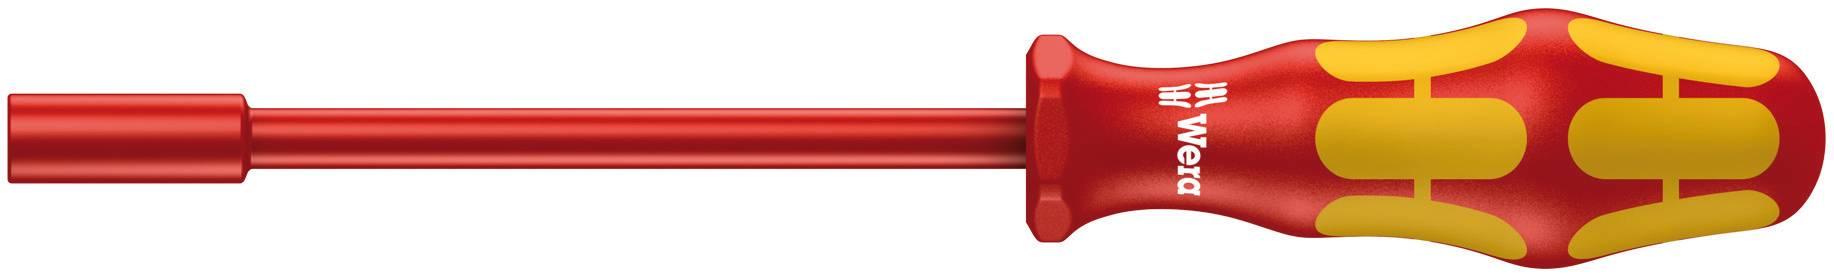 Šestihranný nástrčný klíč VDE Wera, 10 mm